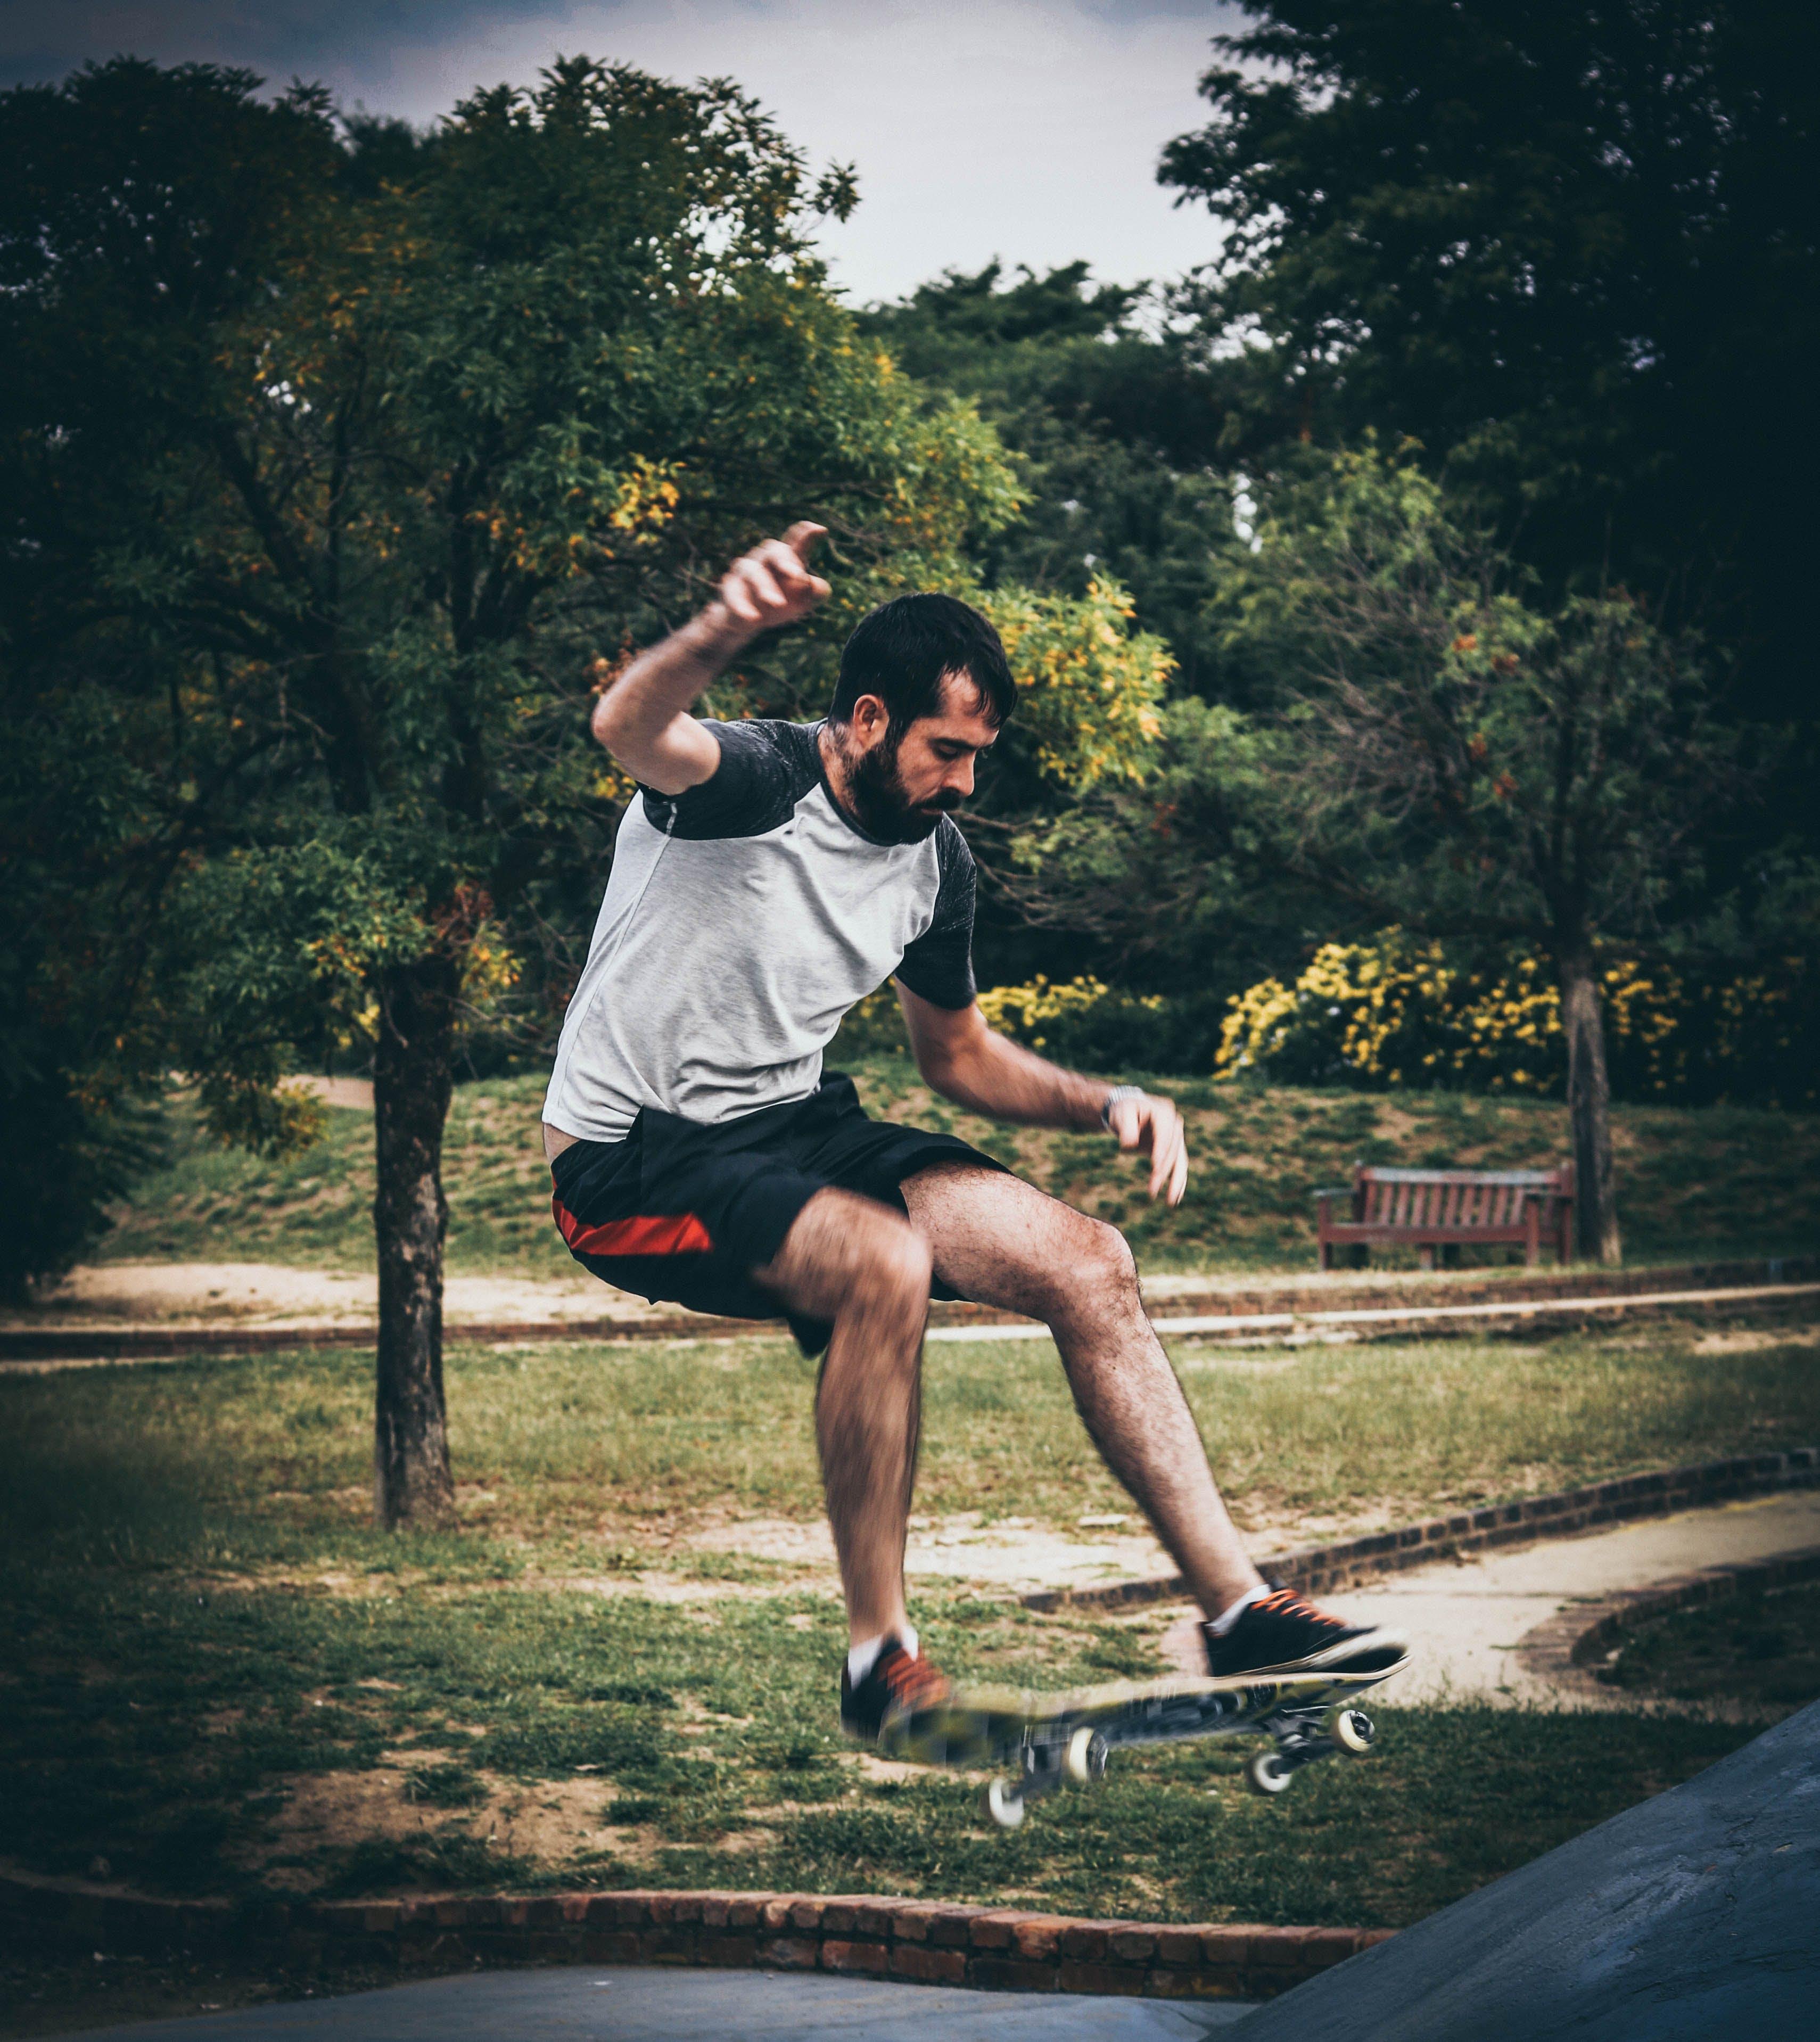 Man On Skateboard Doing Tricks